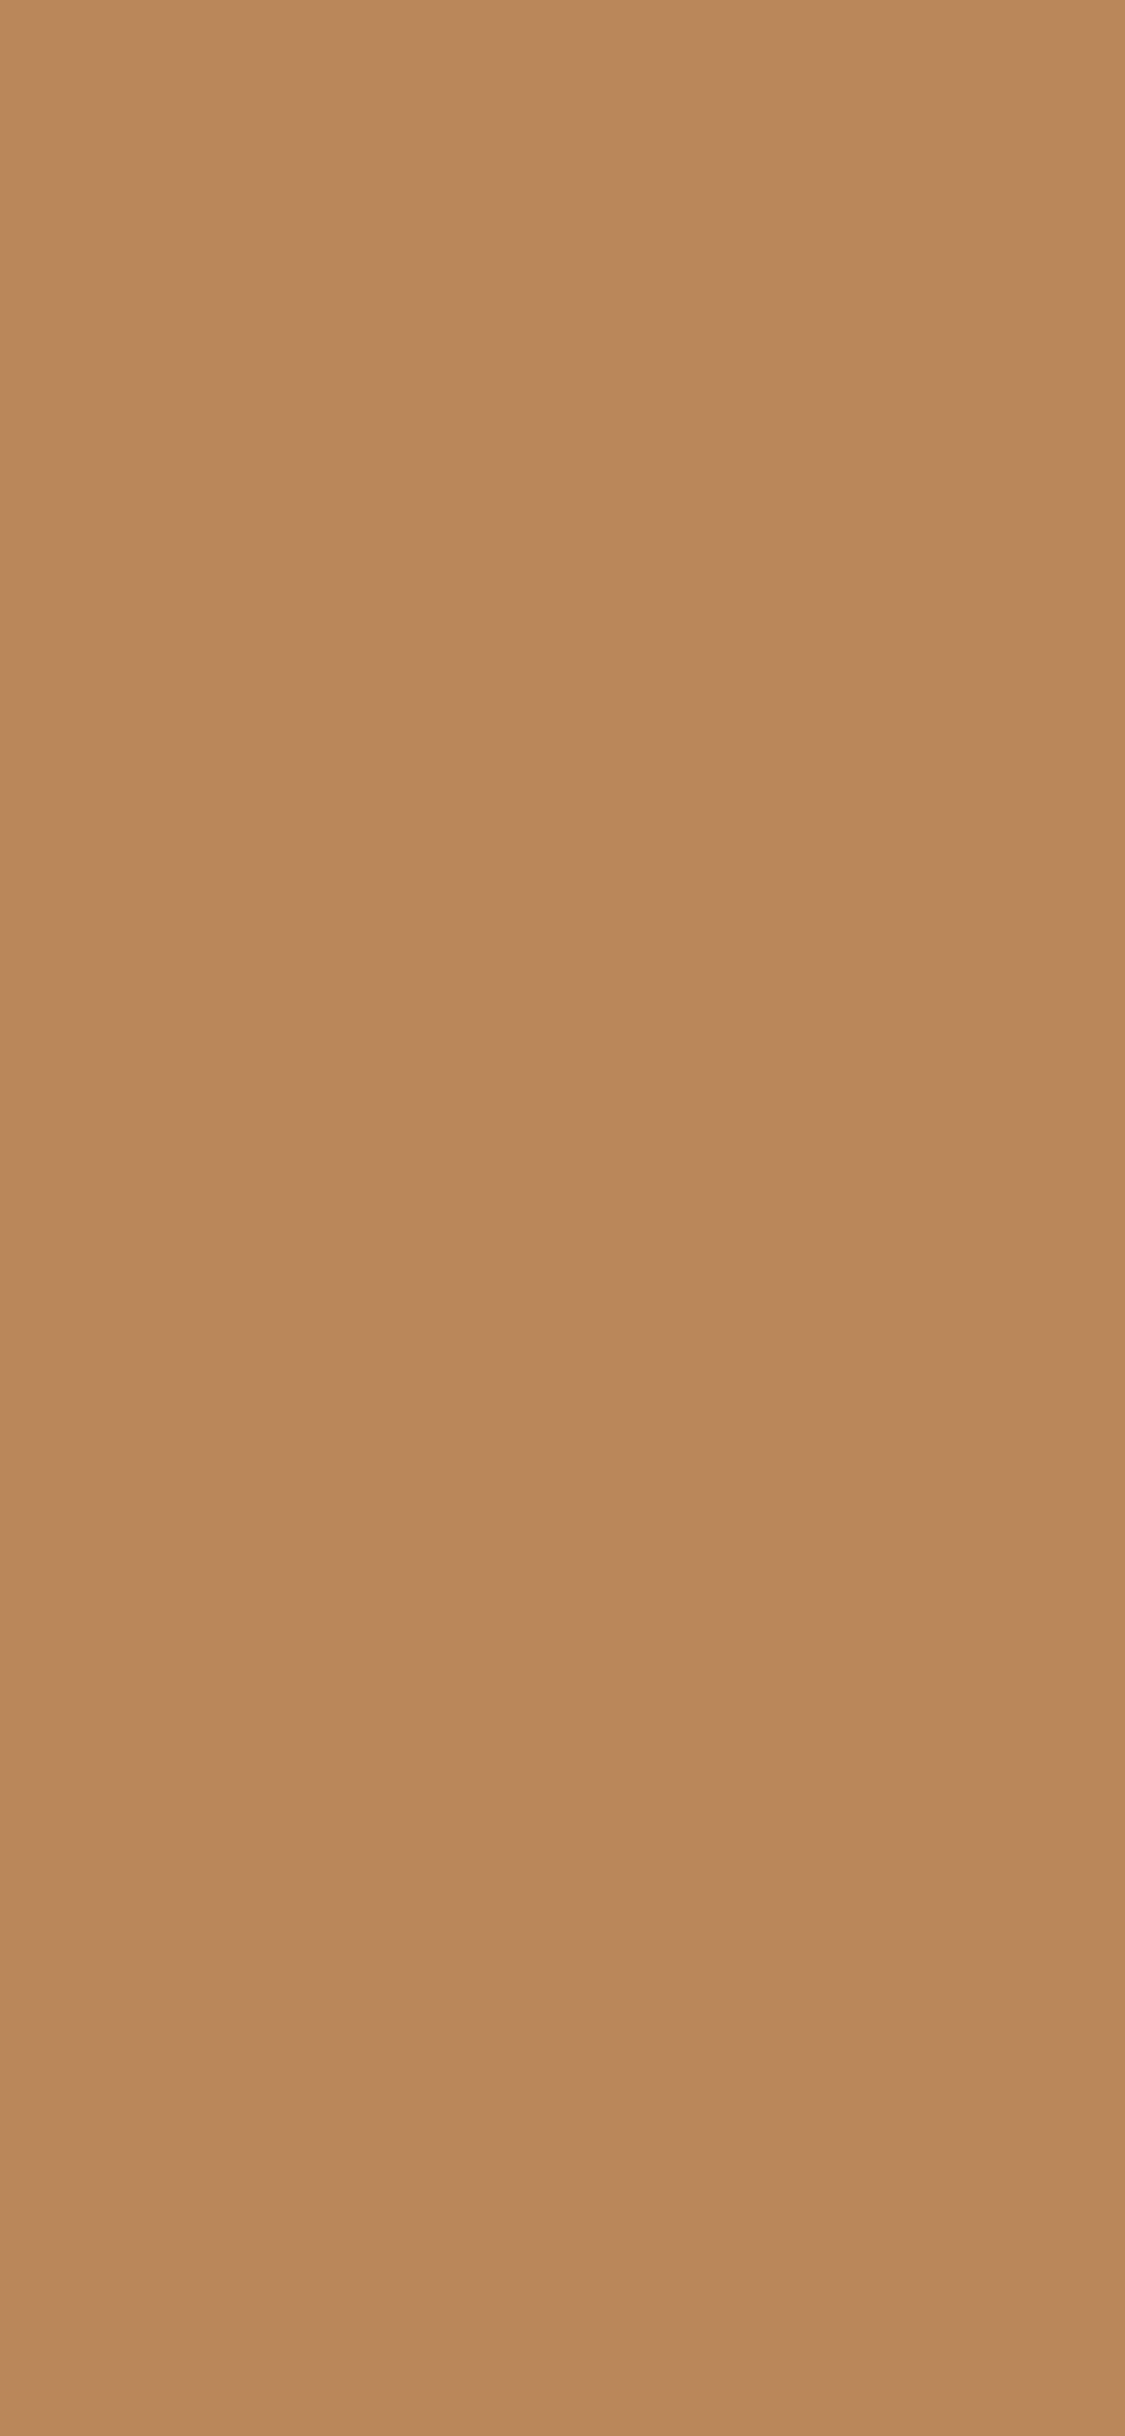 1125x2436 Deer Solid Color Background